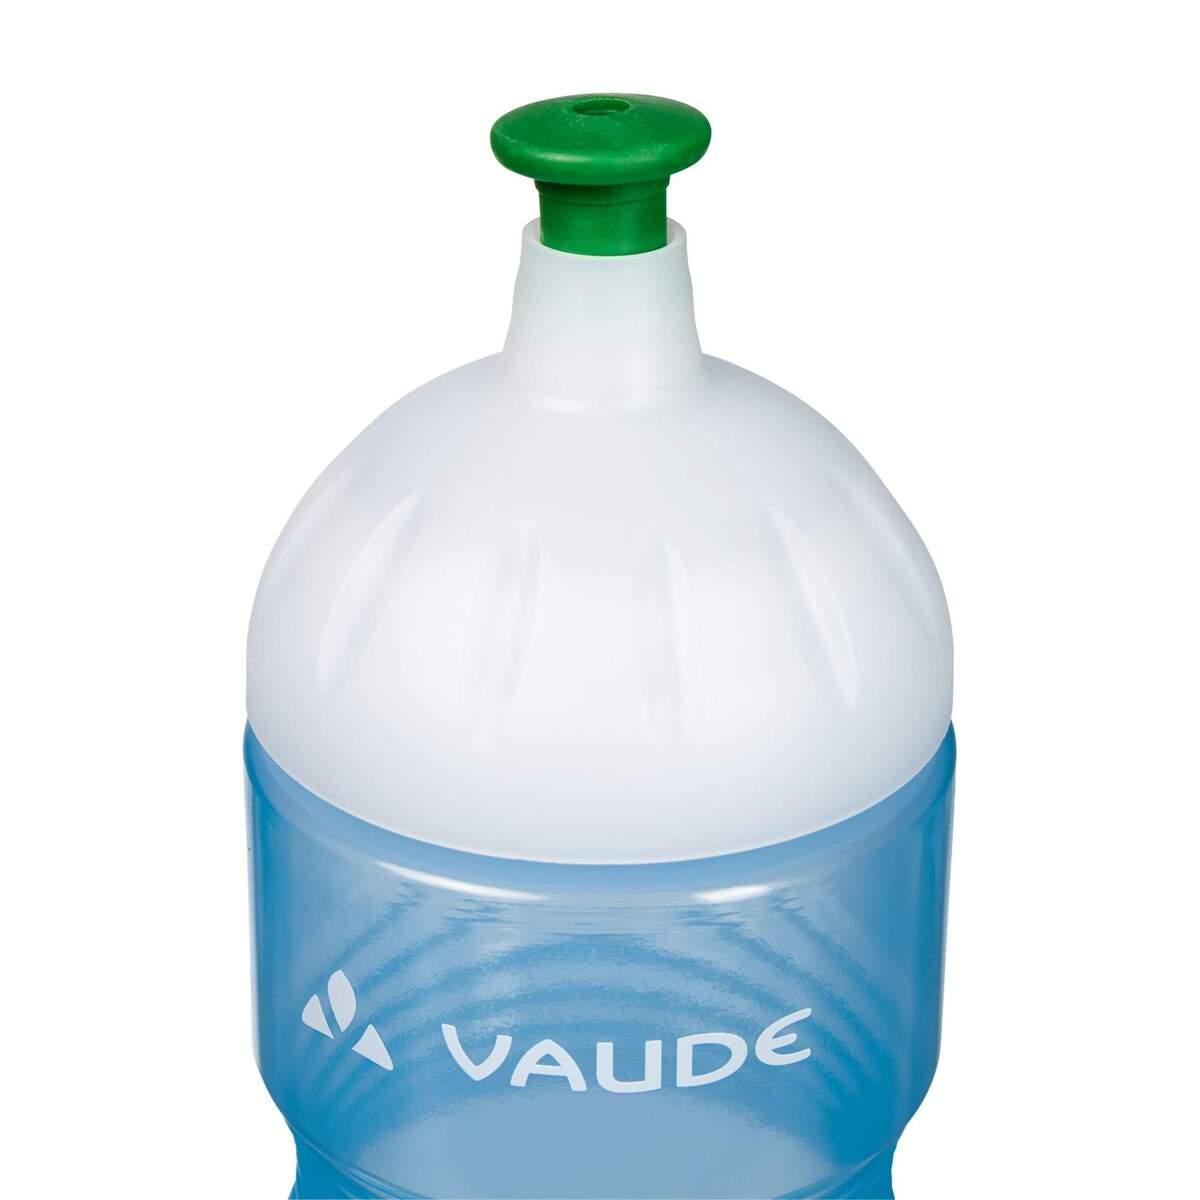 Bild 2 von Vaude BIKE BOTTLE ORGANIC, 0,75 L Unisex - Trinkflasche